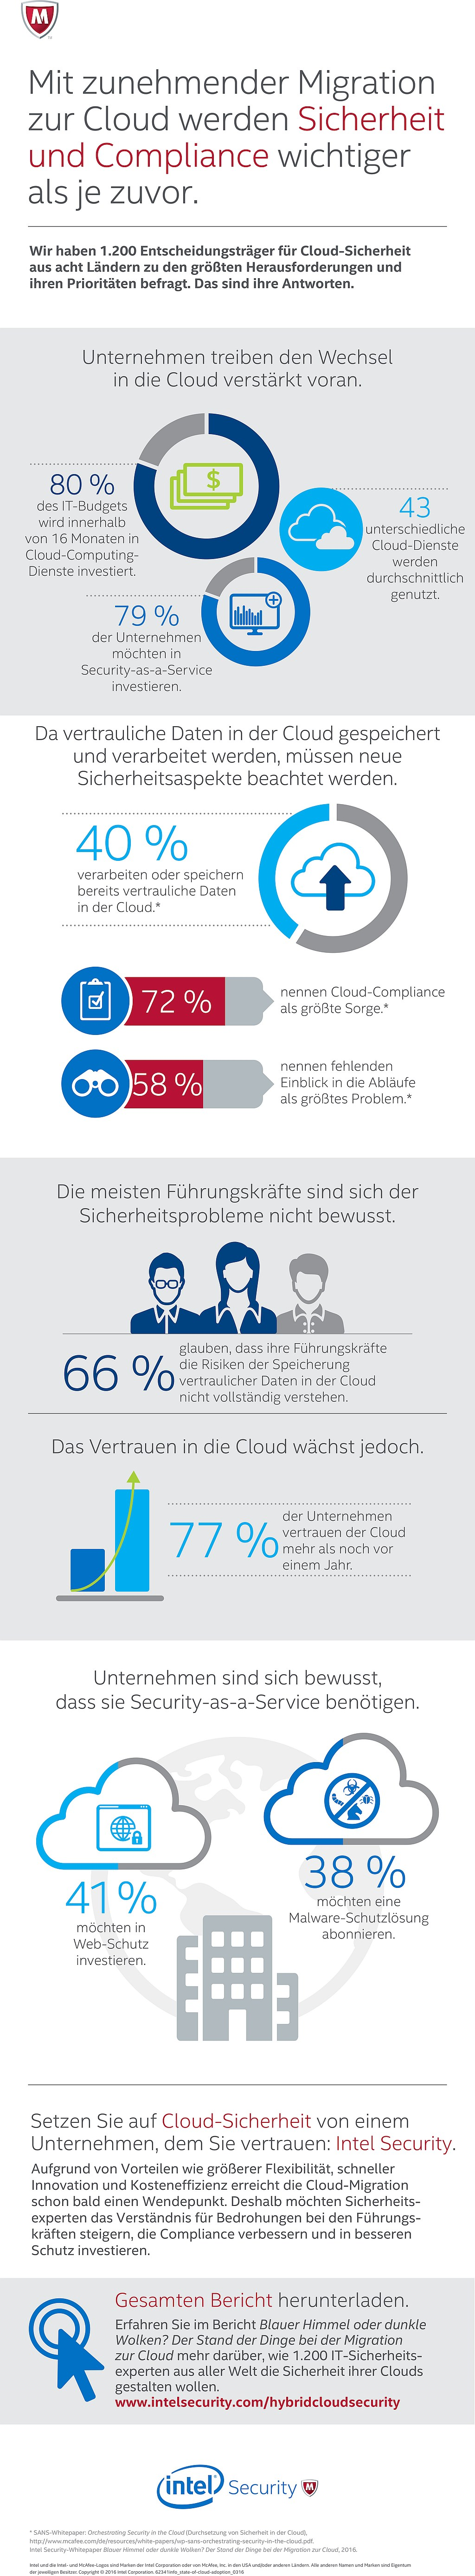 infografik Intel Security - Stand der Cloud-Einführung